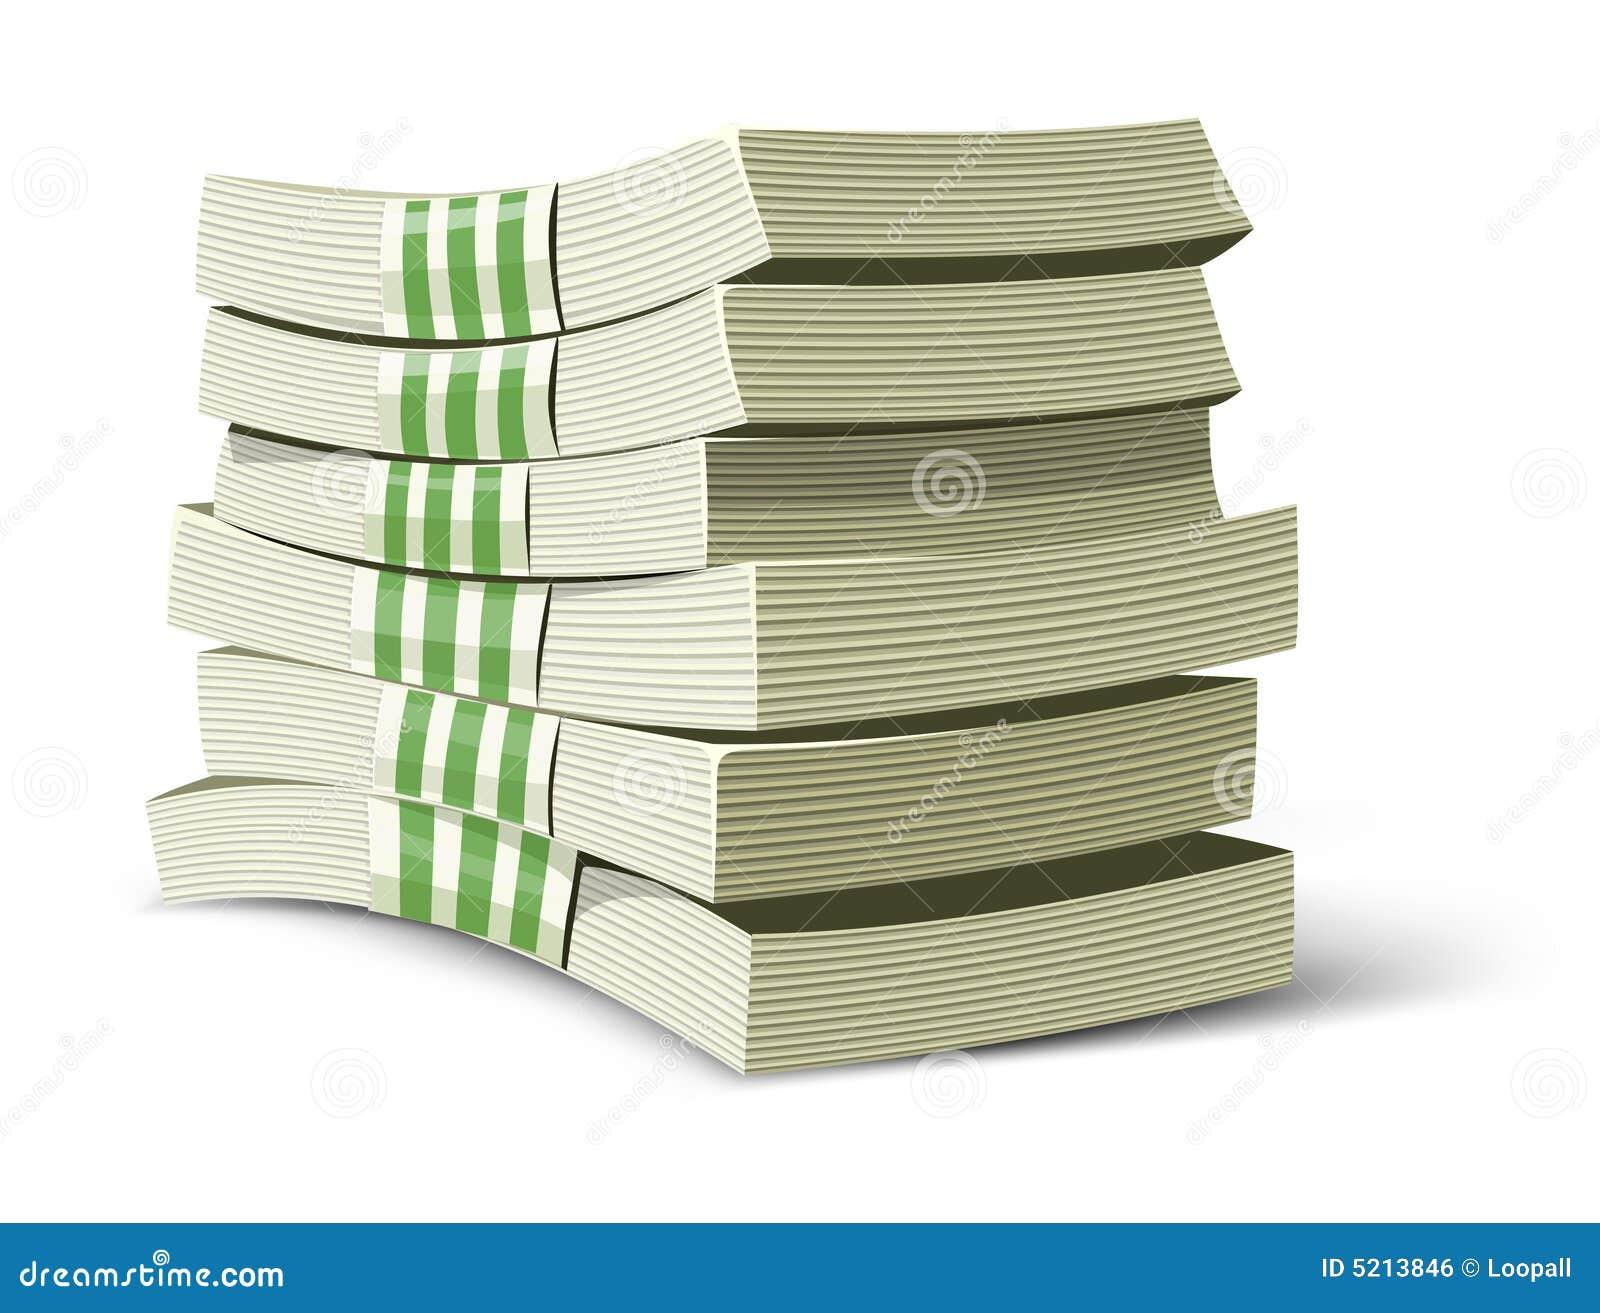 Money packs illustration for banking